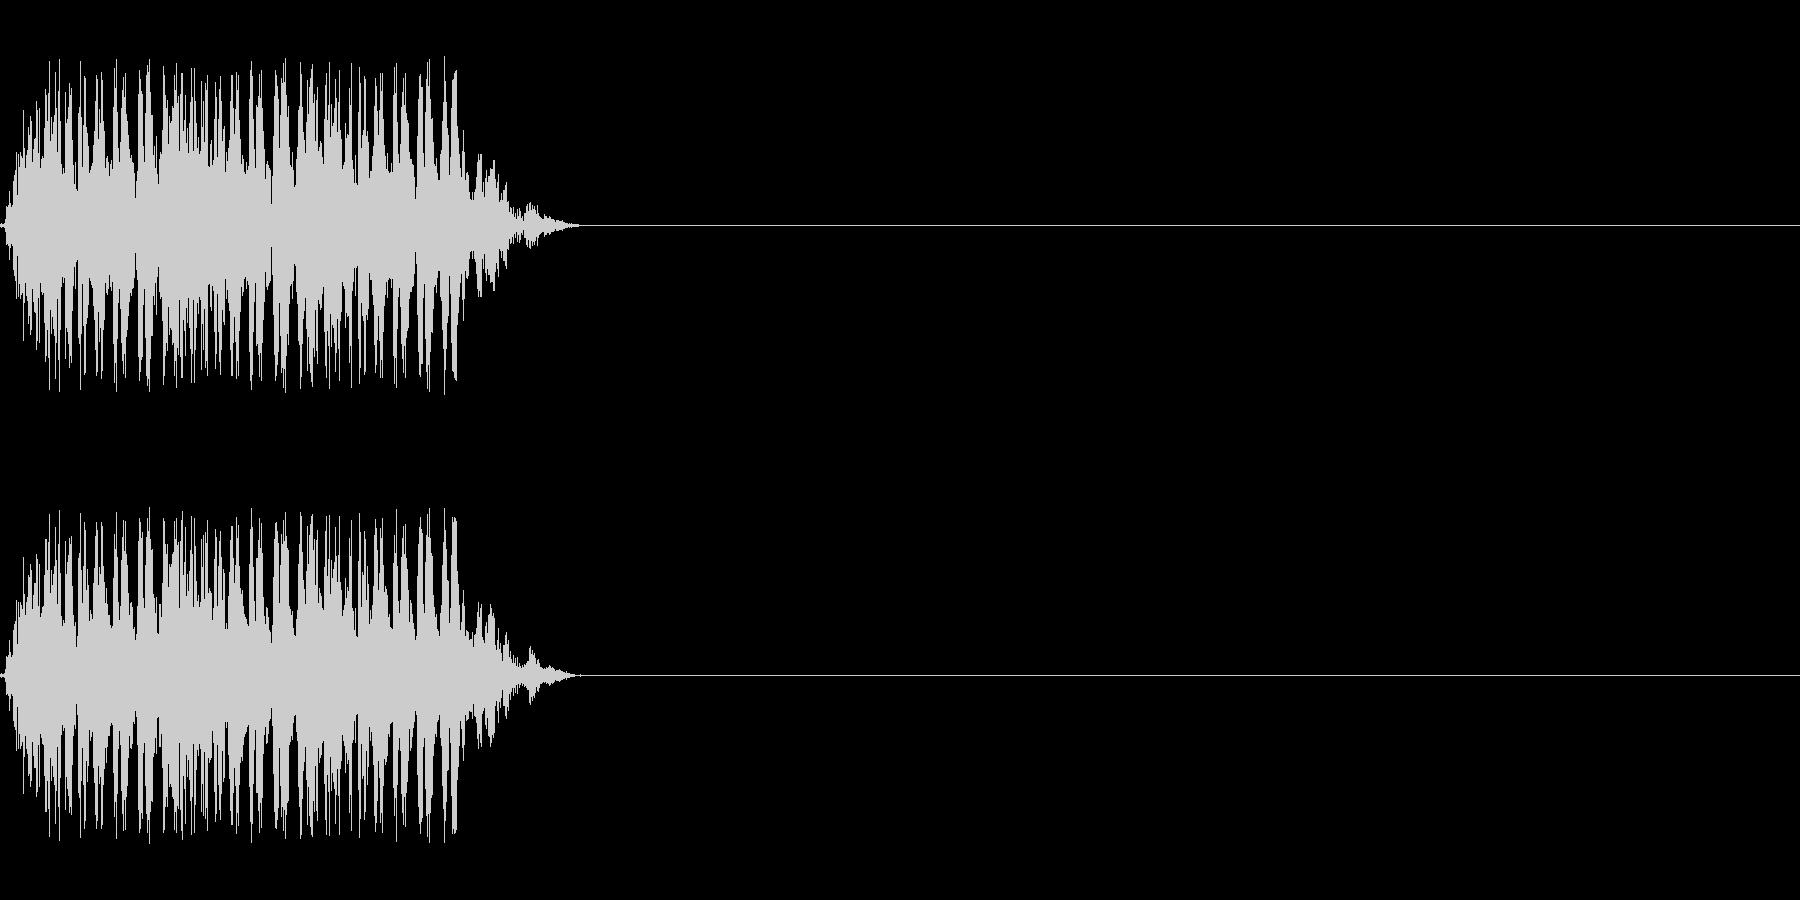 【レーザー01-3】の未再生の波形